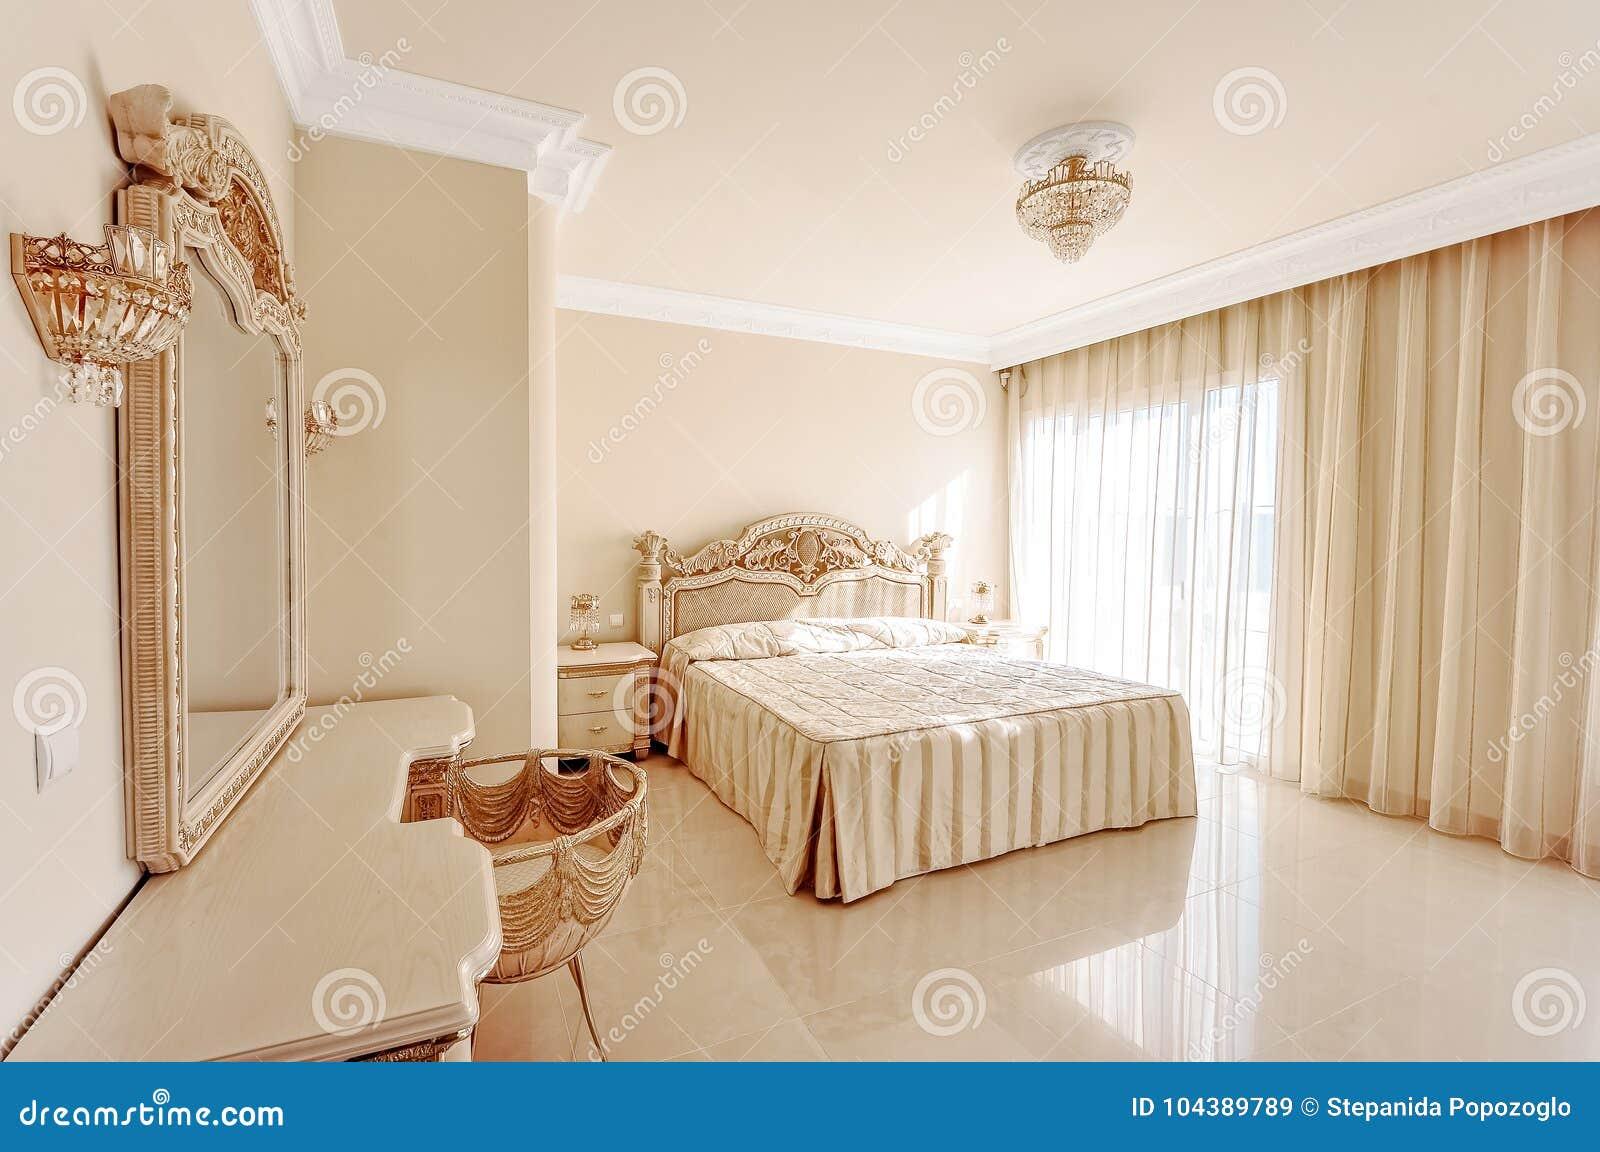 Chambre à coucher luxueuse dans des couleurs en pastel dans un style néoclassique, esprit